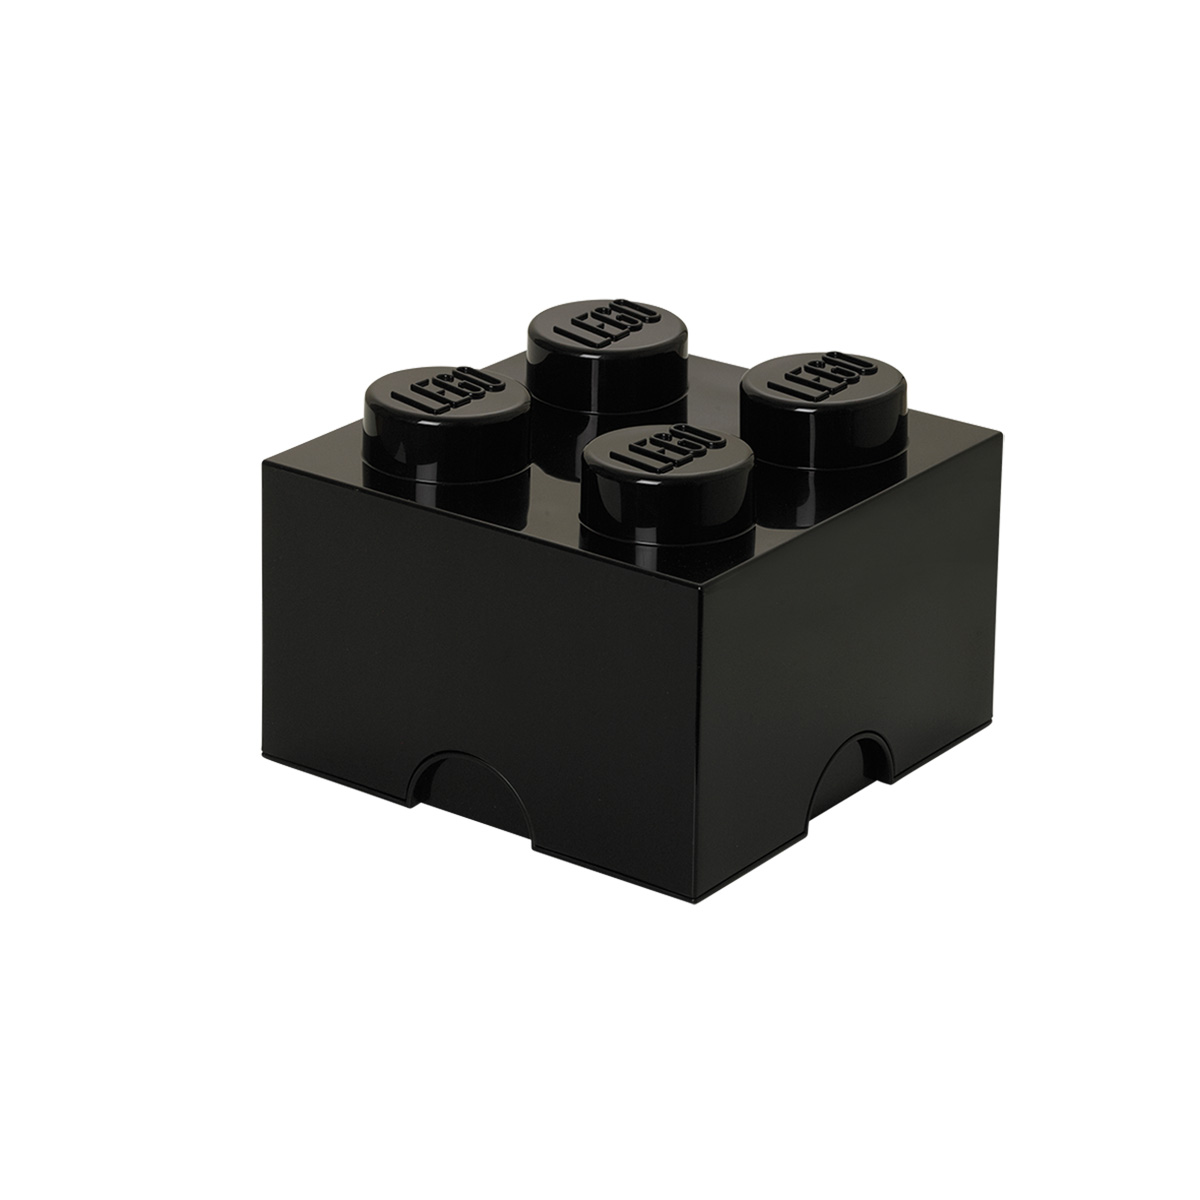 LEGO opbevaringskasse med 4 knopper - Sort